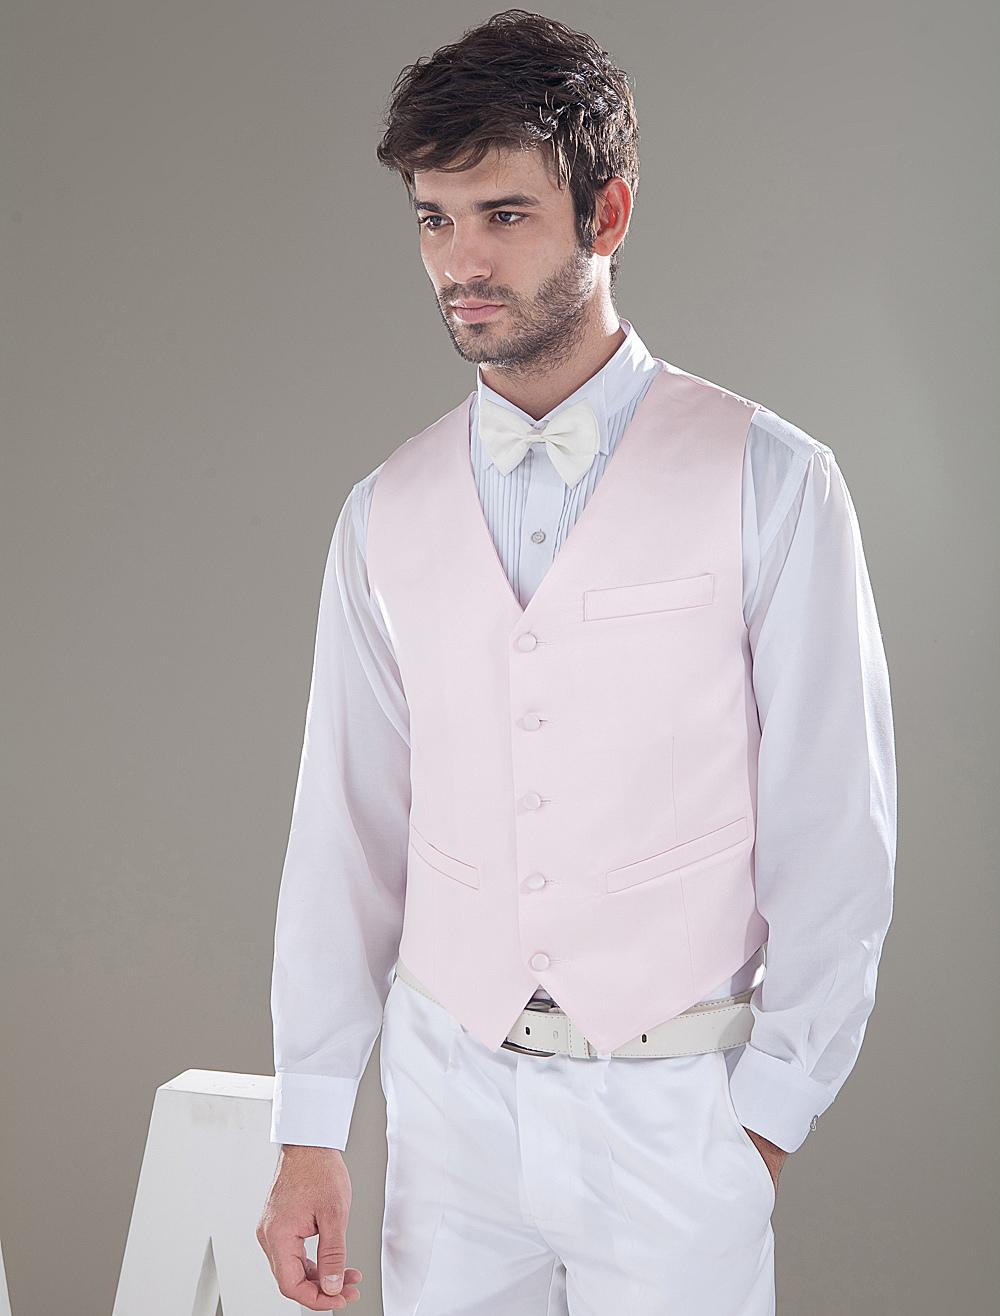 beliebte herren weste aus satin in rosa f r hochzeit. Black Bedroom Furniture Sets. Home Design Ideas